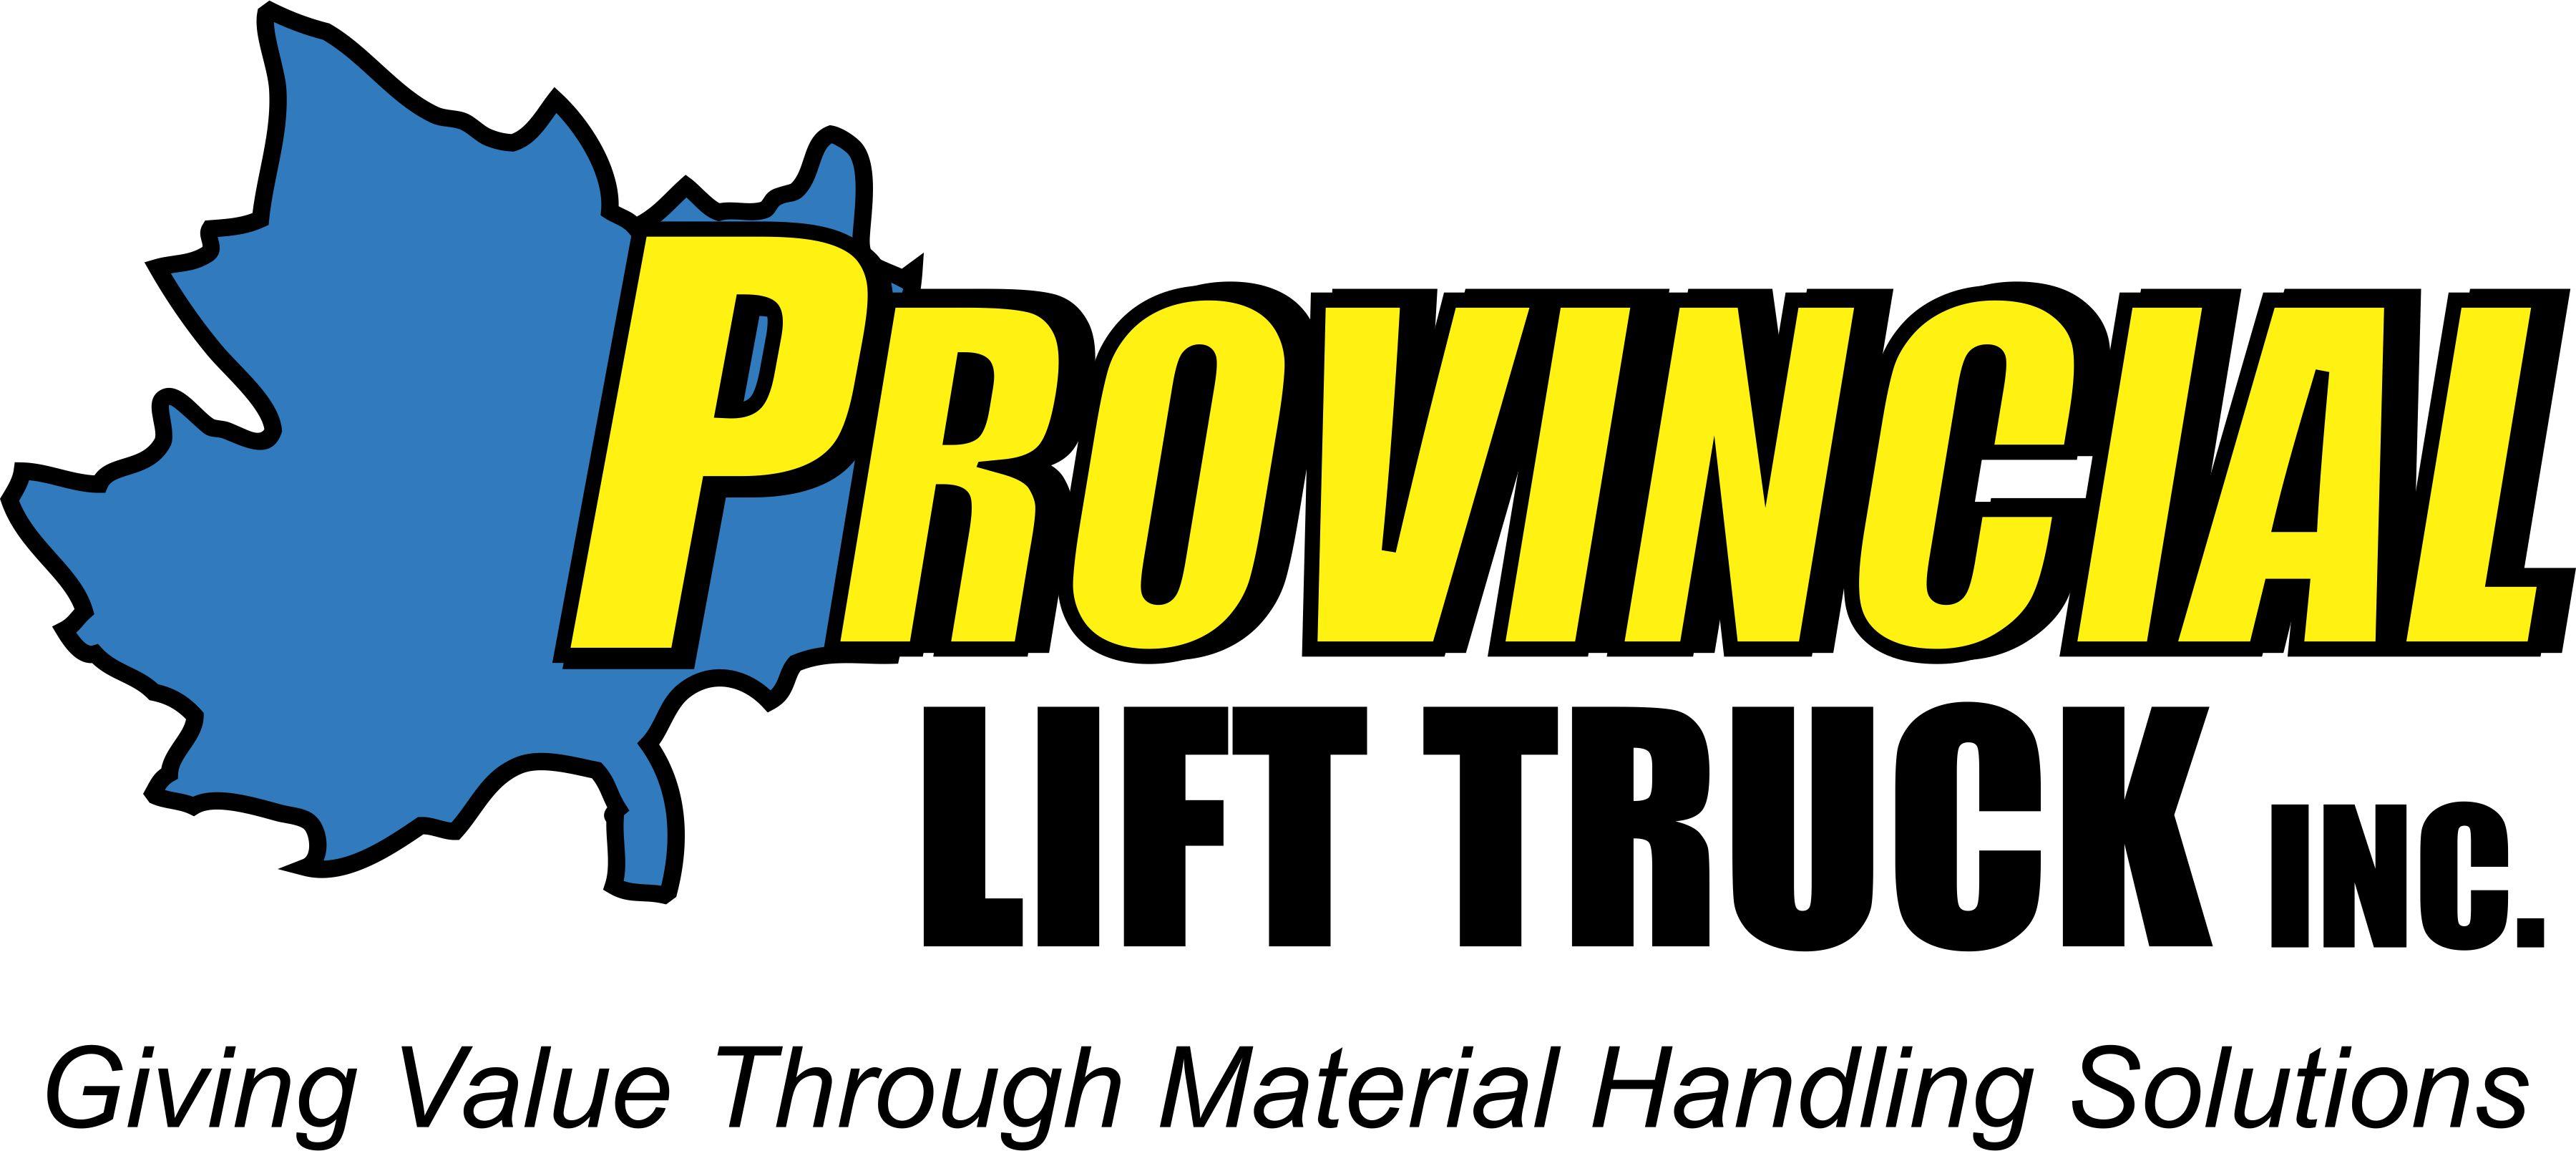 Provincial Lift Truck